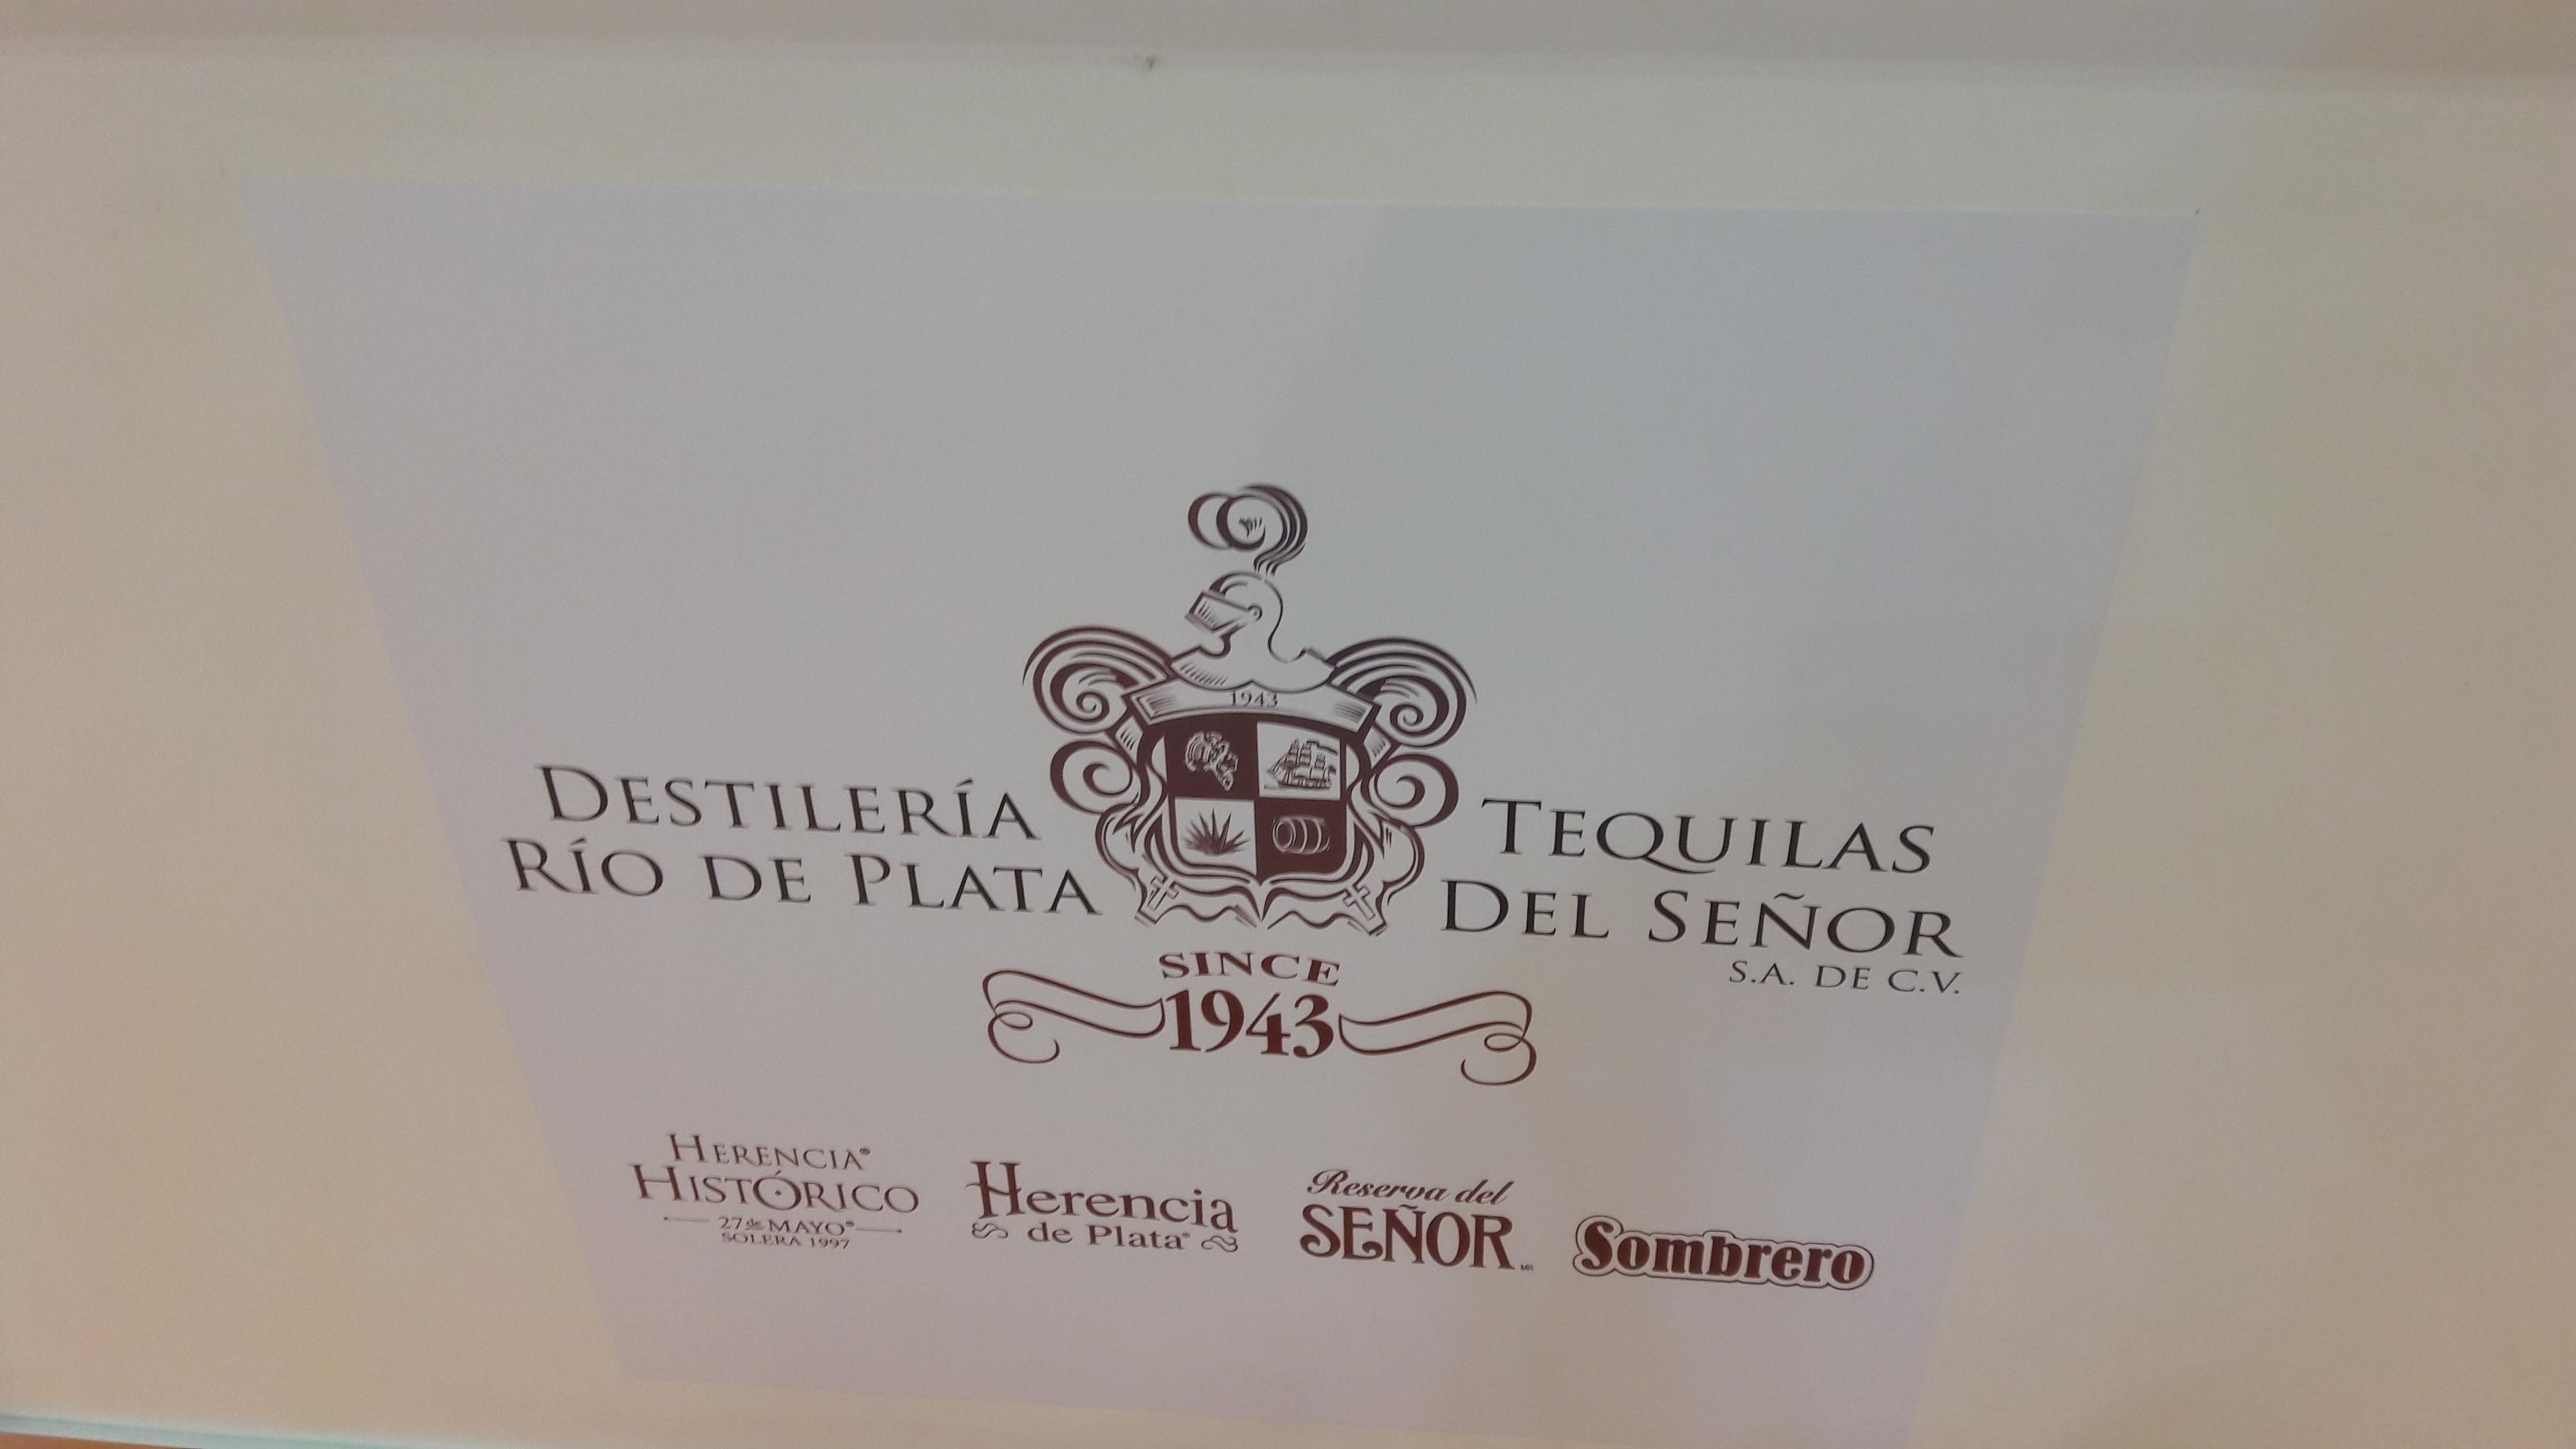 TEQUILAS DEL SEÑOR